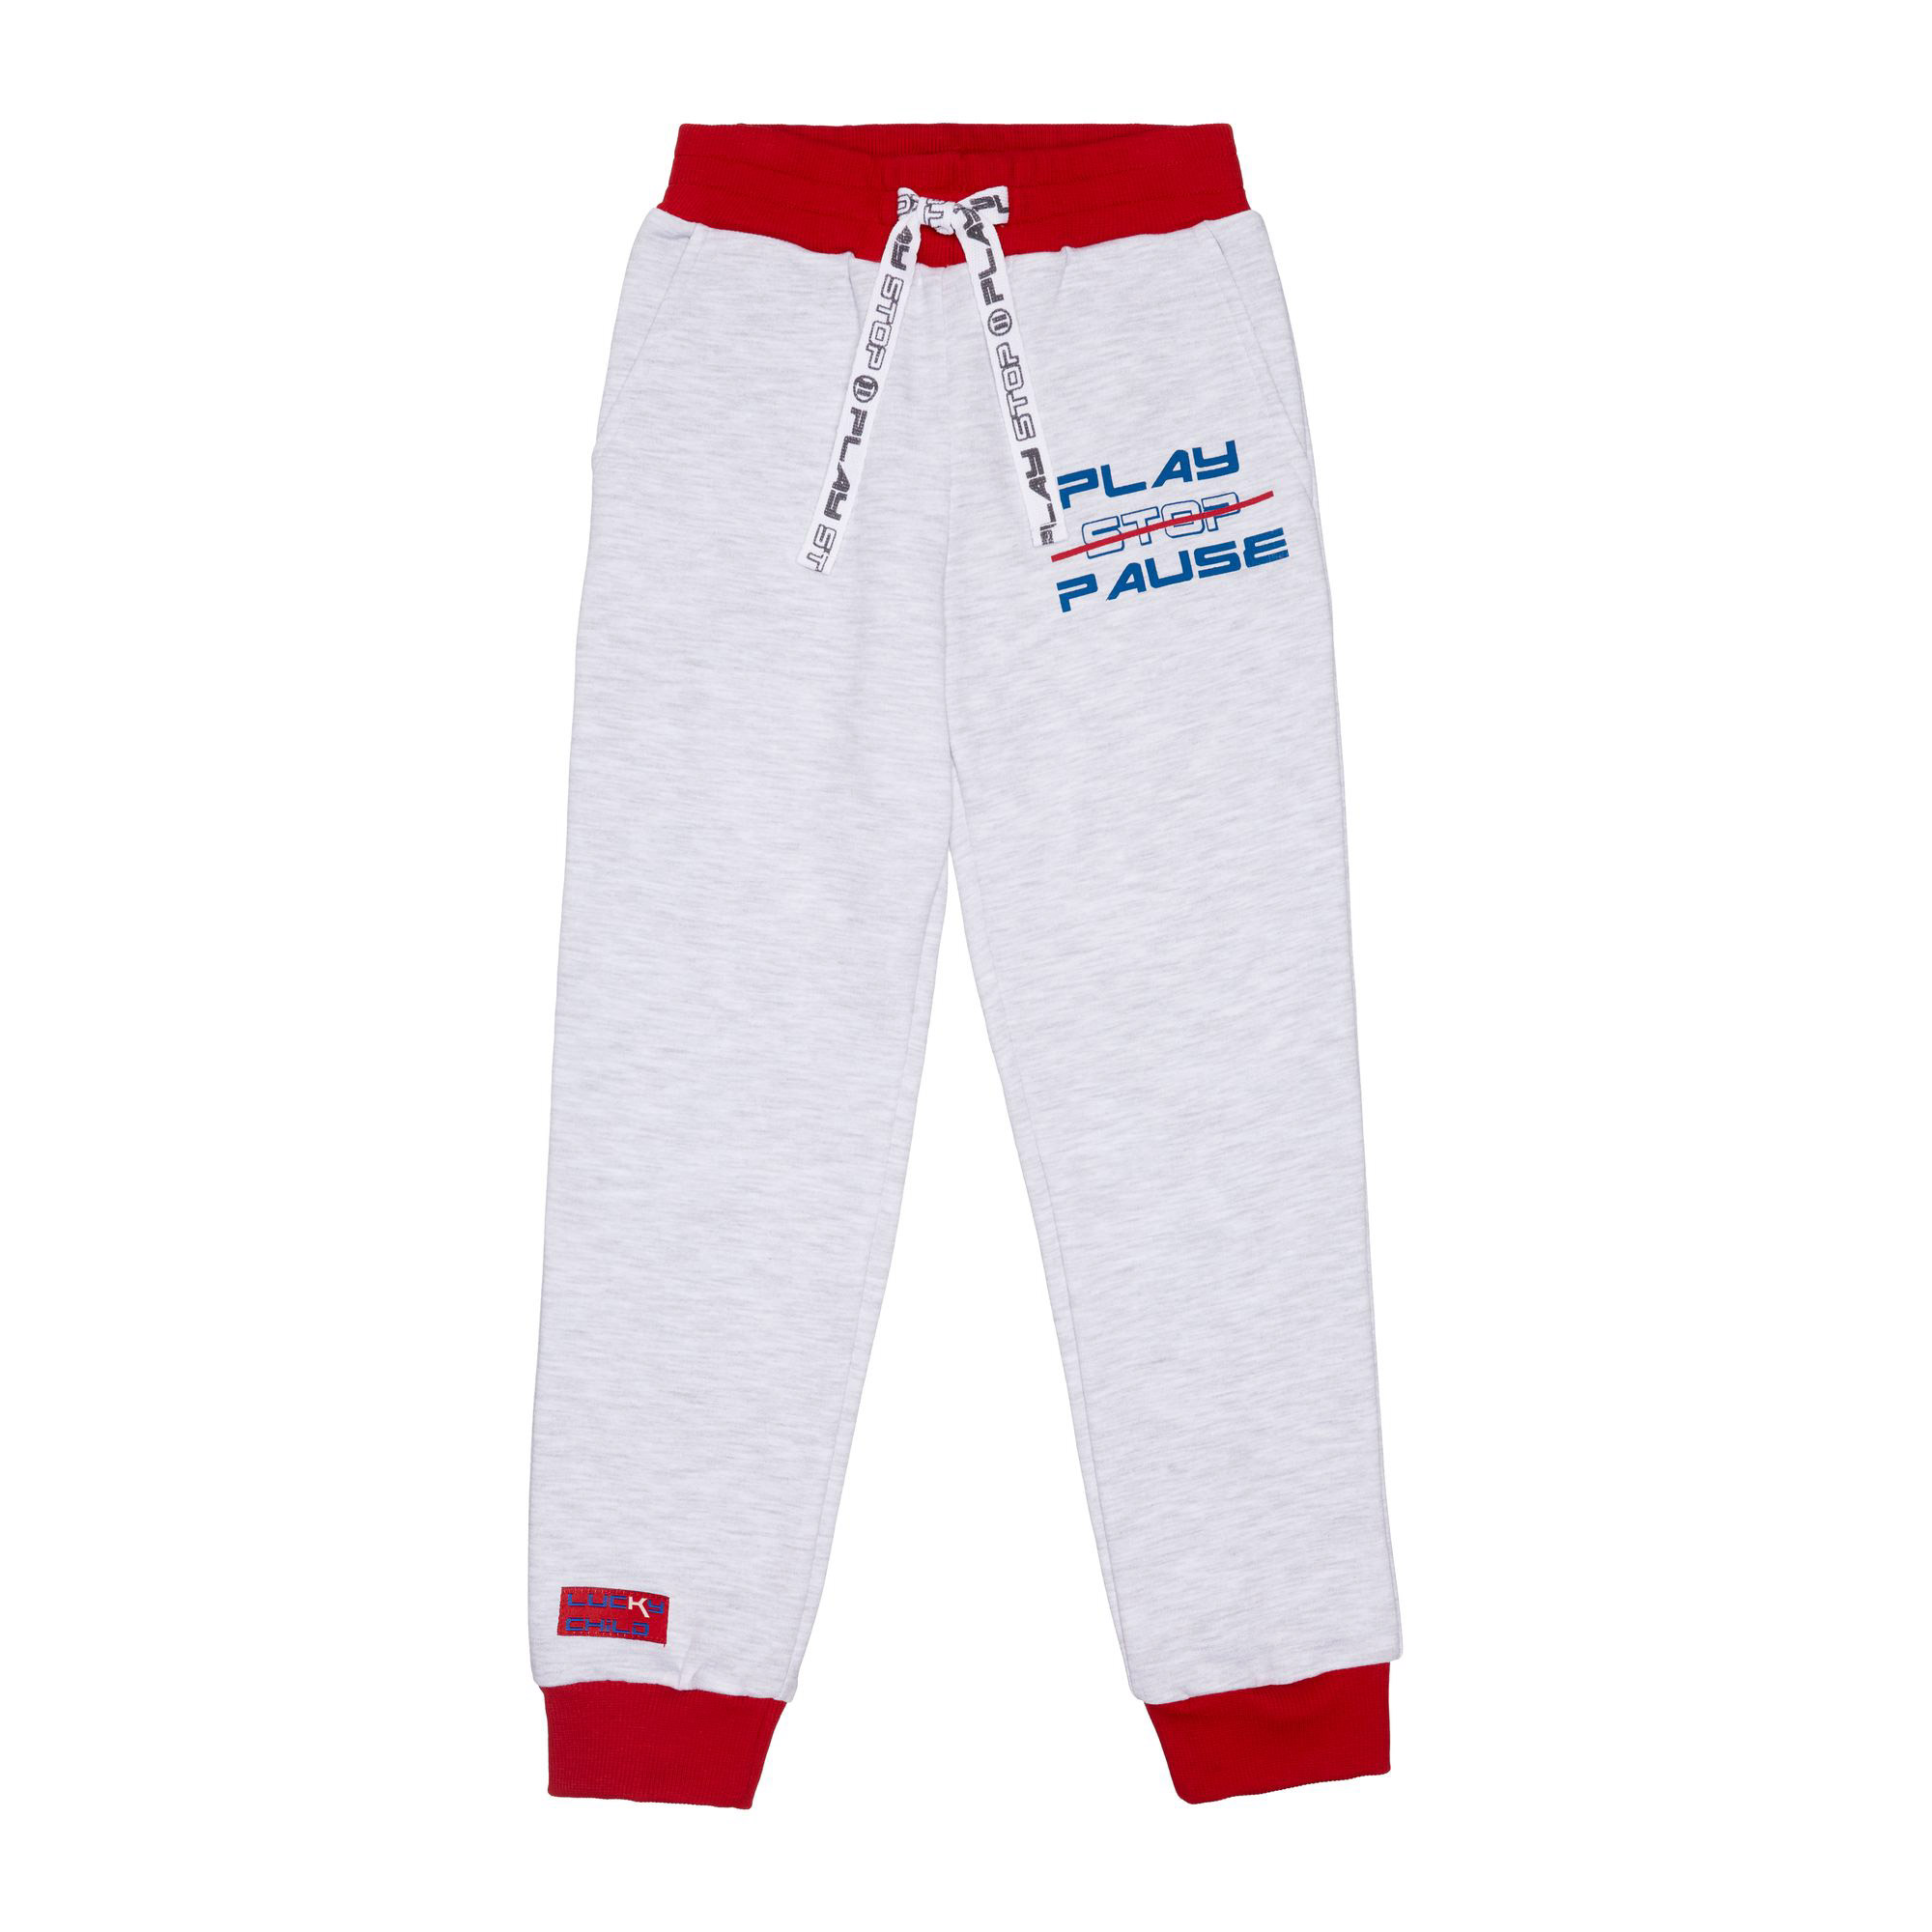 Купить Спортивные брюки Lucky Child Больше пространства серые 122-128, Серый, Футер, Для мальчиков, Осень-Зима,